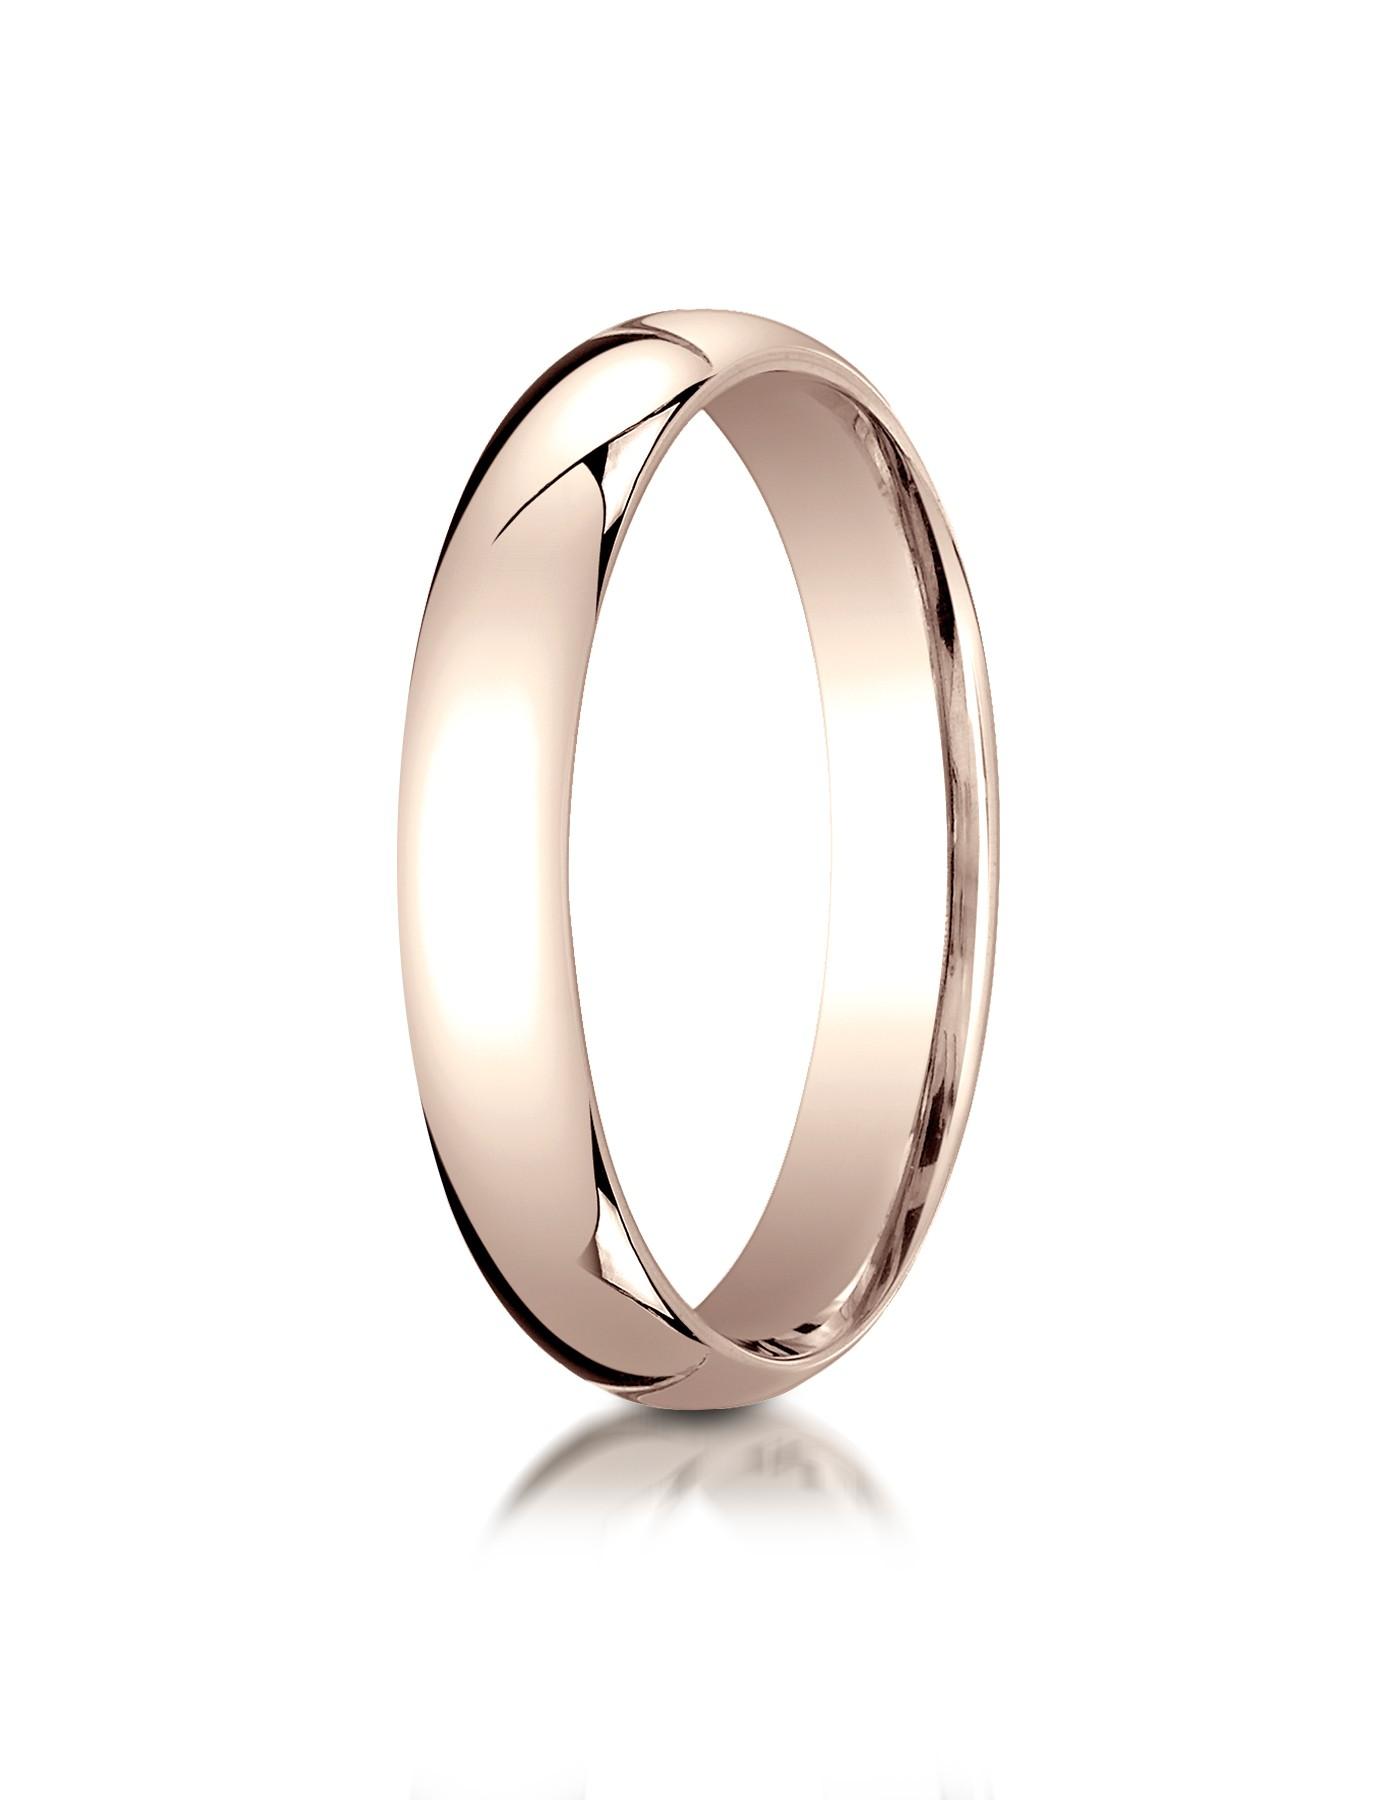 14k Rose Gold 4mm Slightly Domed Standard Comfort-fit Ring